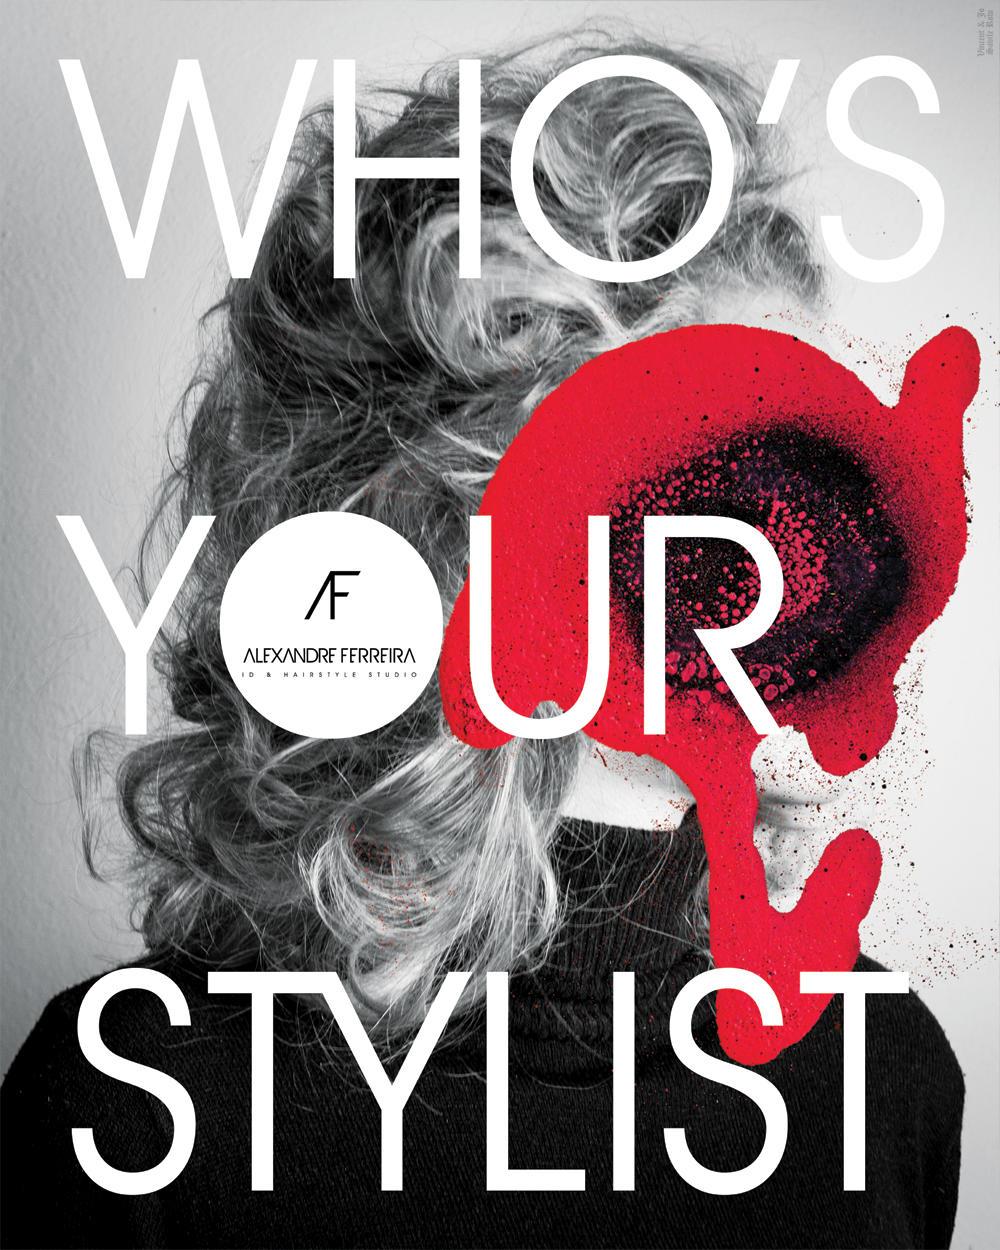 AF Id & hairstyle_studio